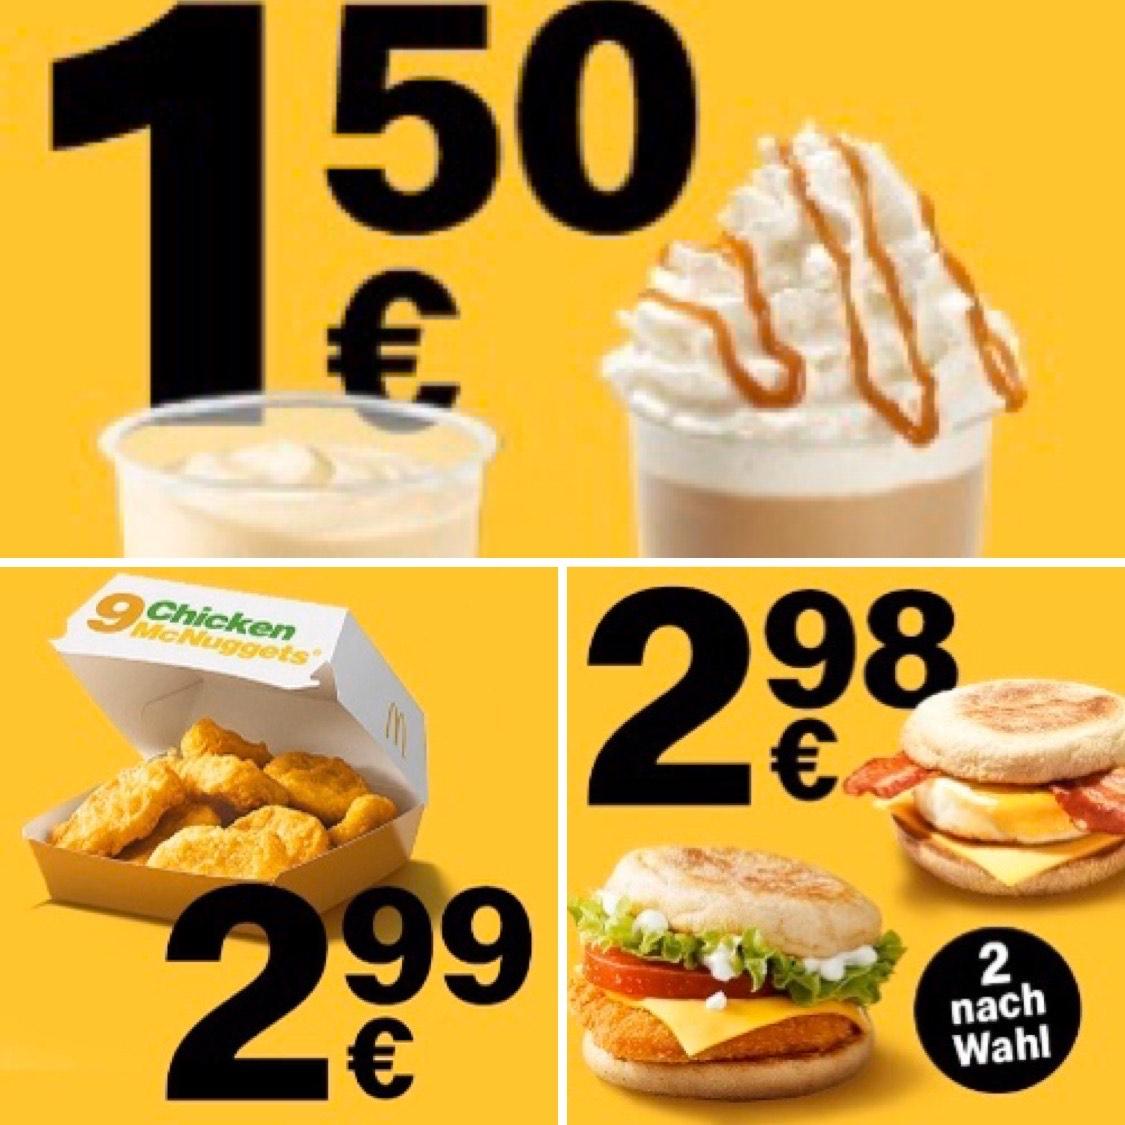 McDonald's App: McFrappé/Milchshake regular nach Wahl für 1,50€ | 9 Chicken McNuggets für 2,99€ | 2 McMuffin nach Wahl für 2,98€